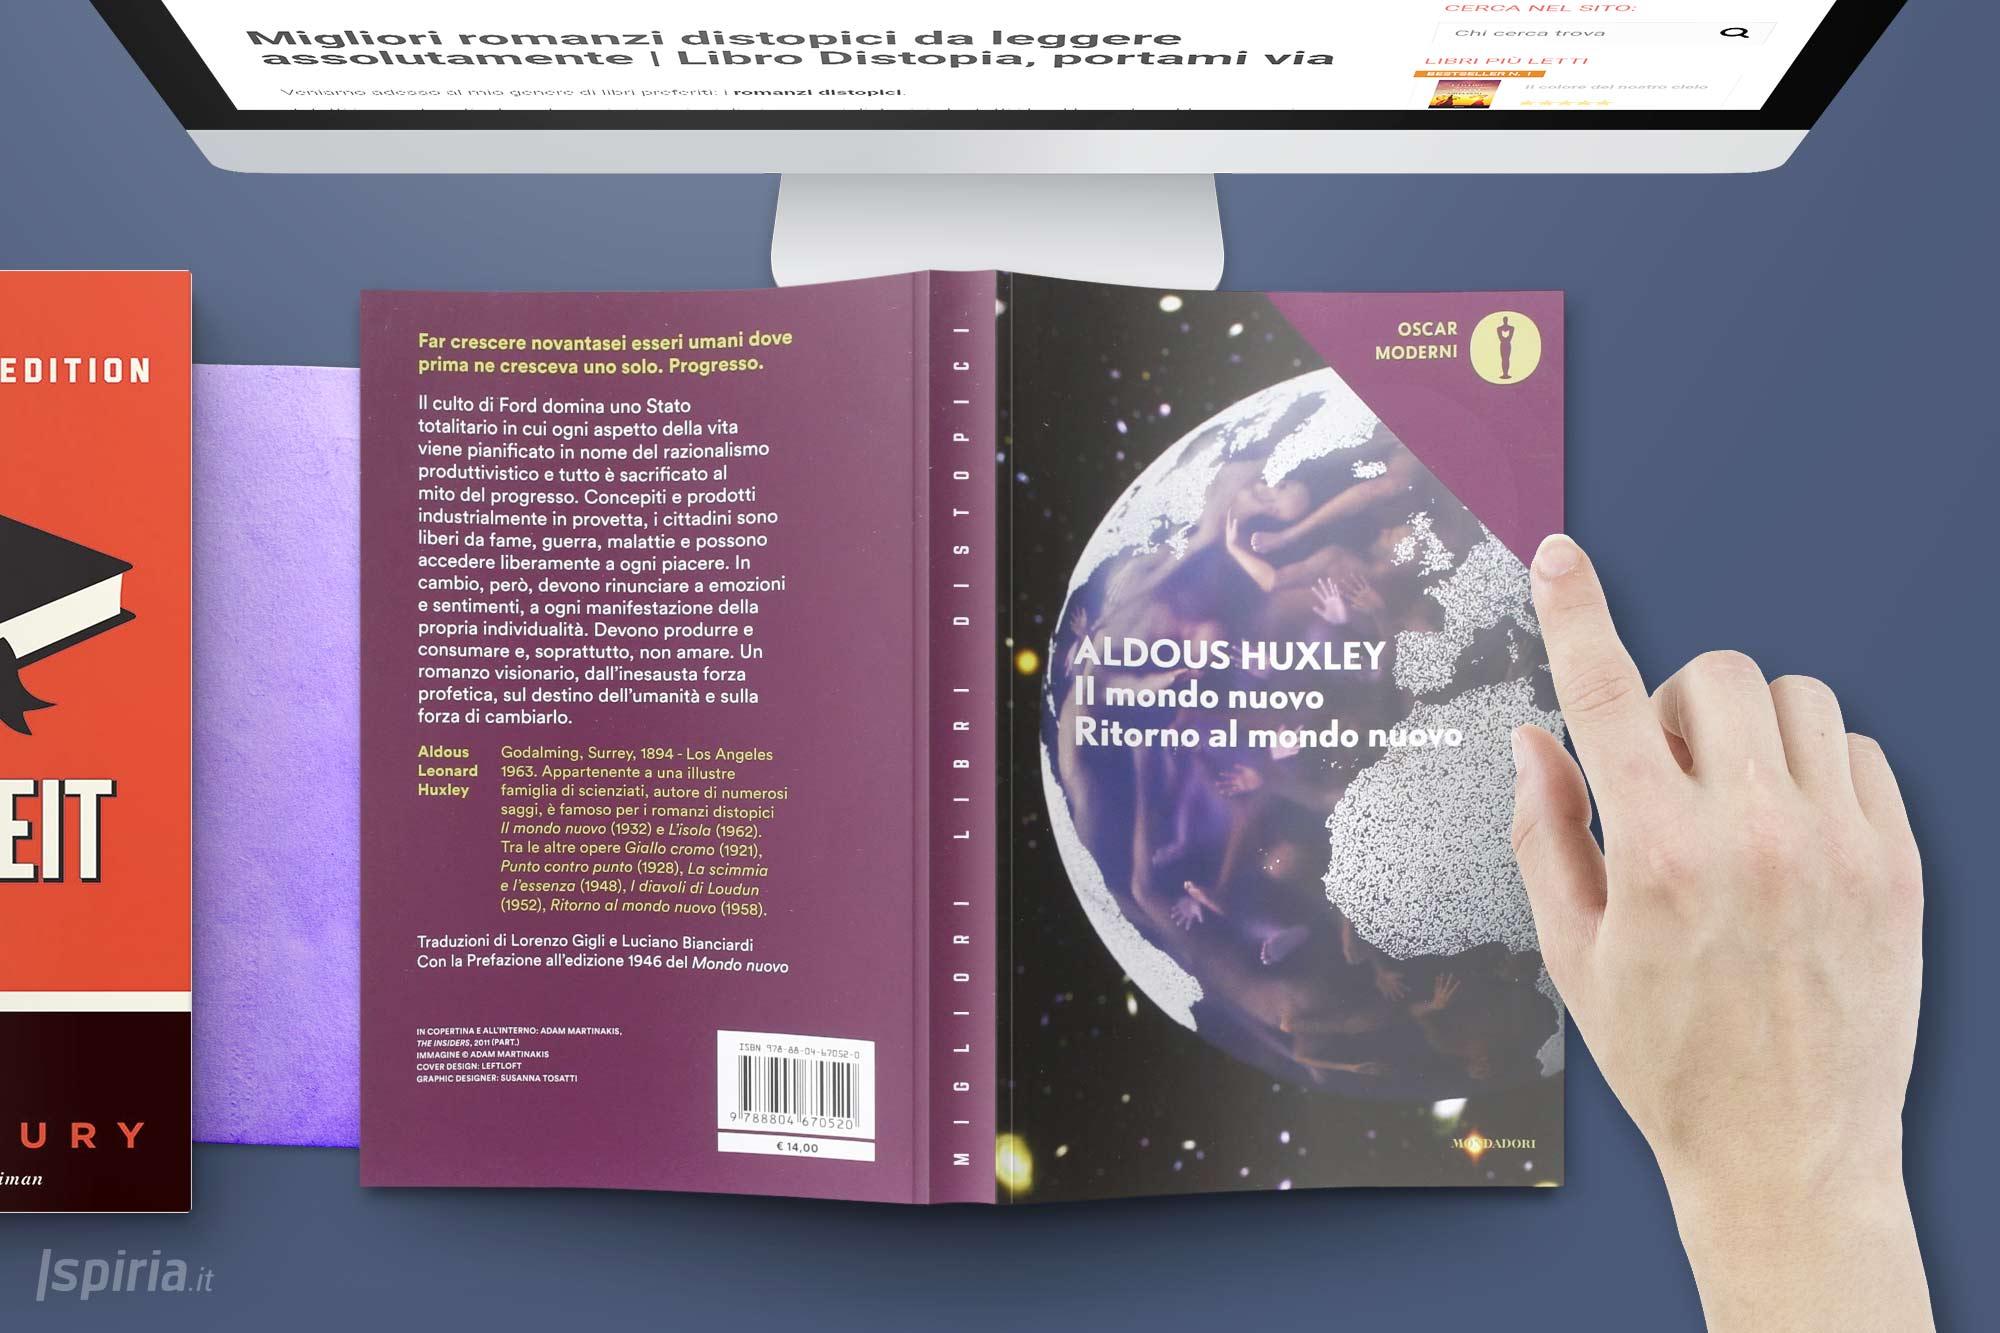 IL-MONDO-NUOVO-libro-distopico-Huxley